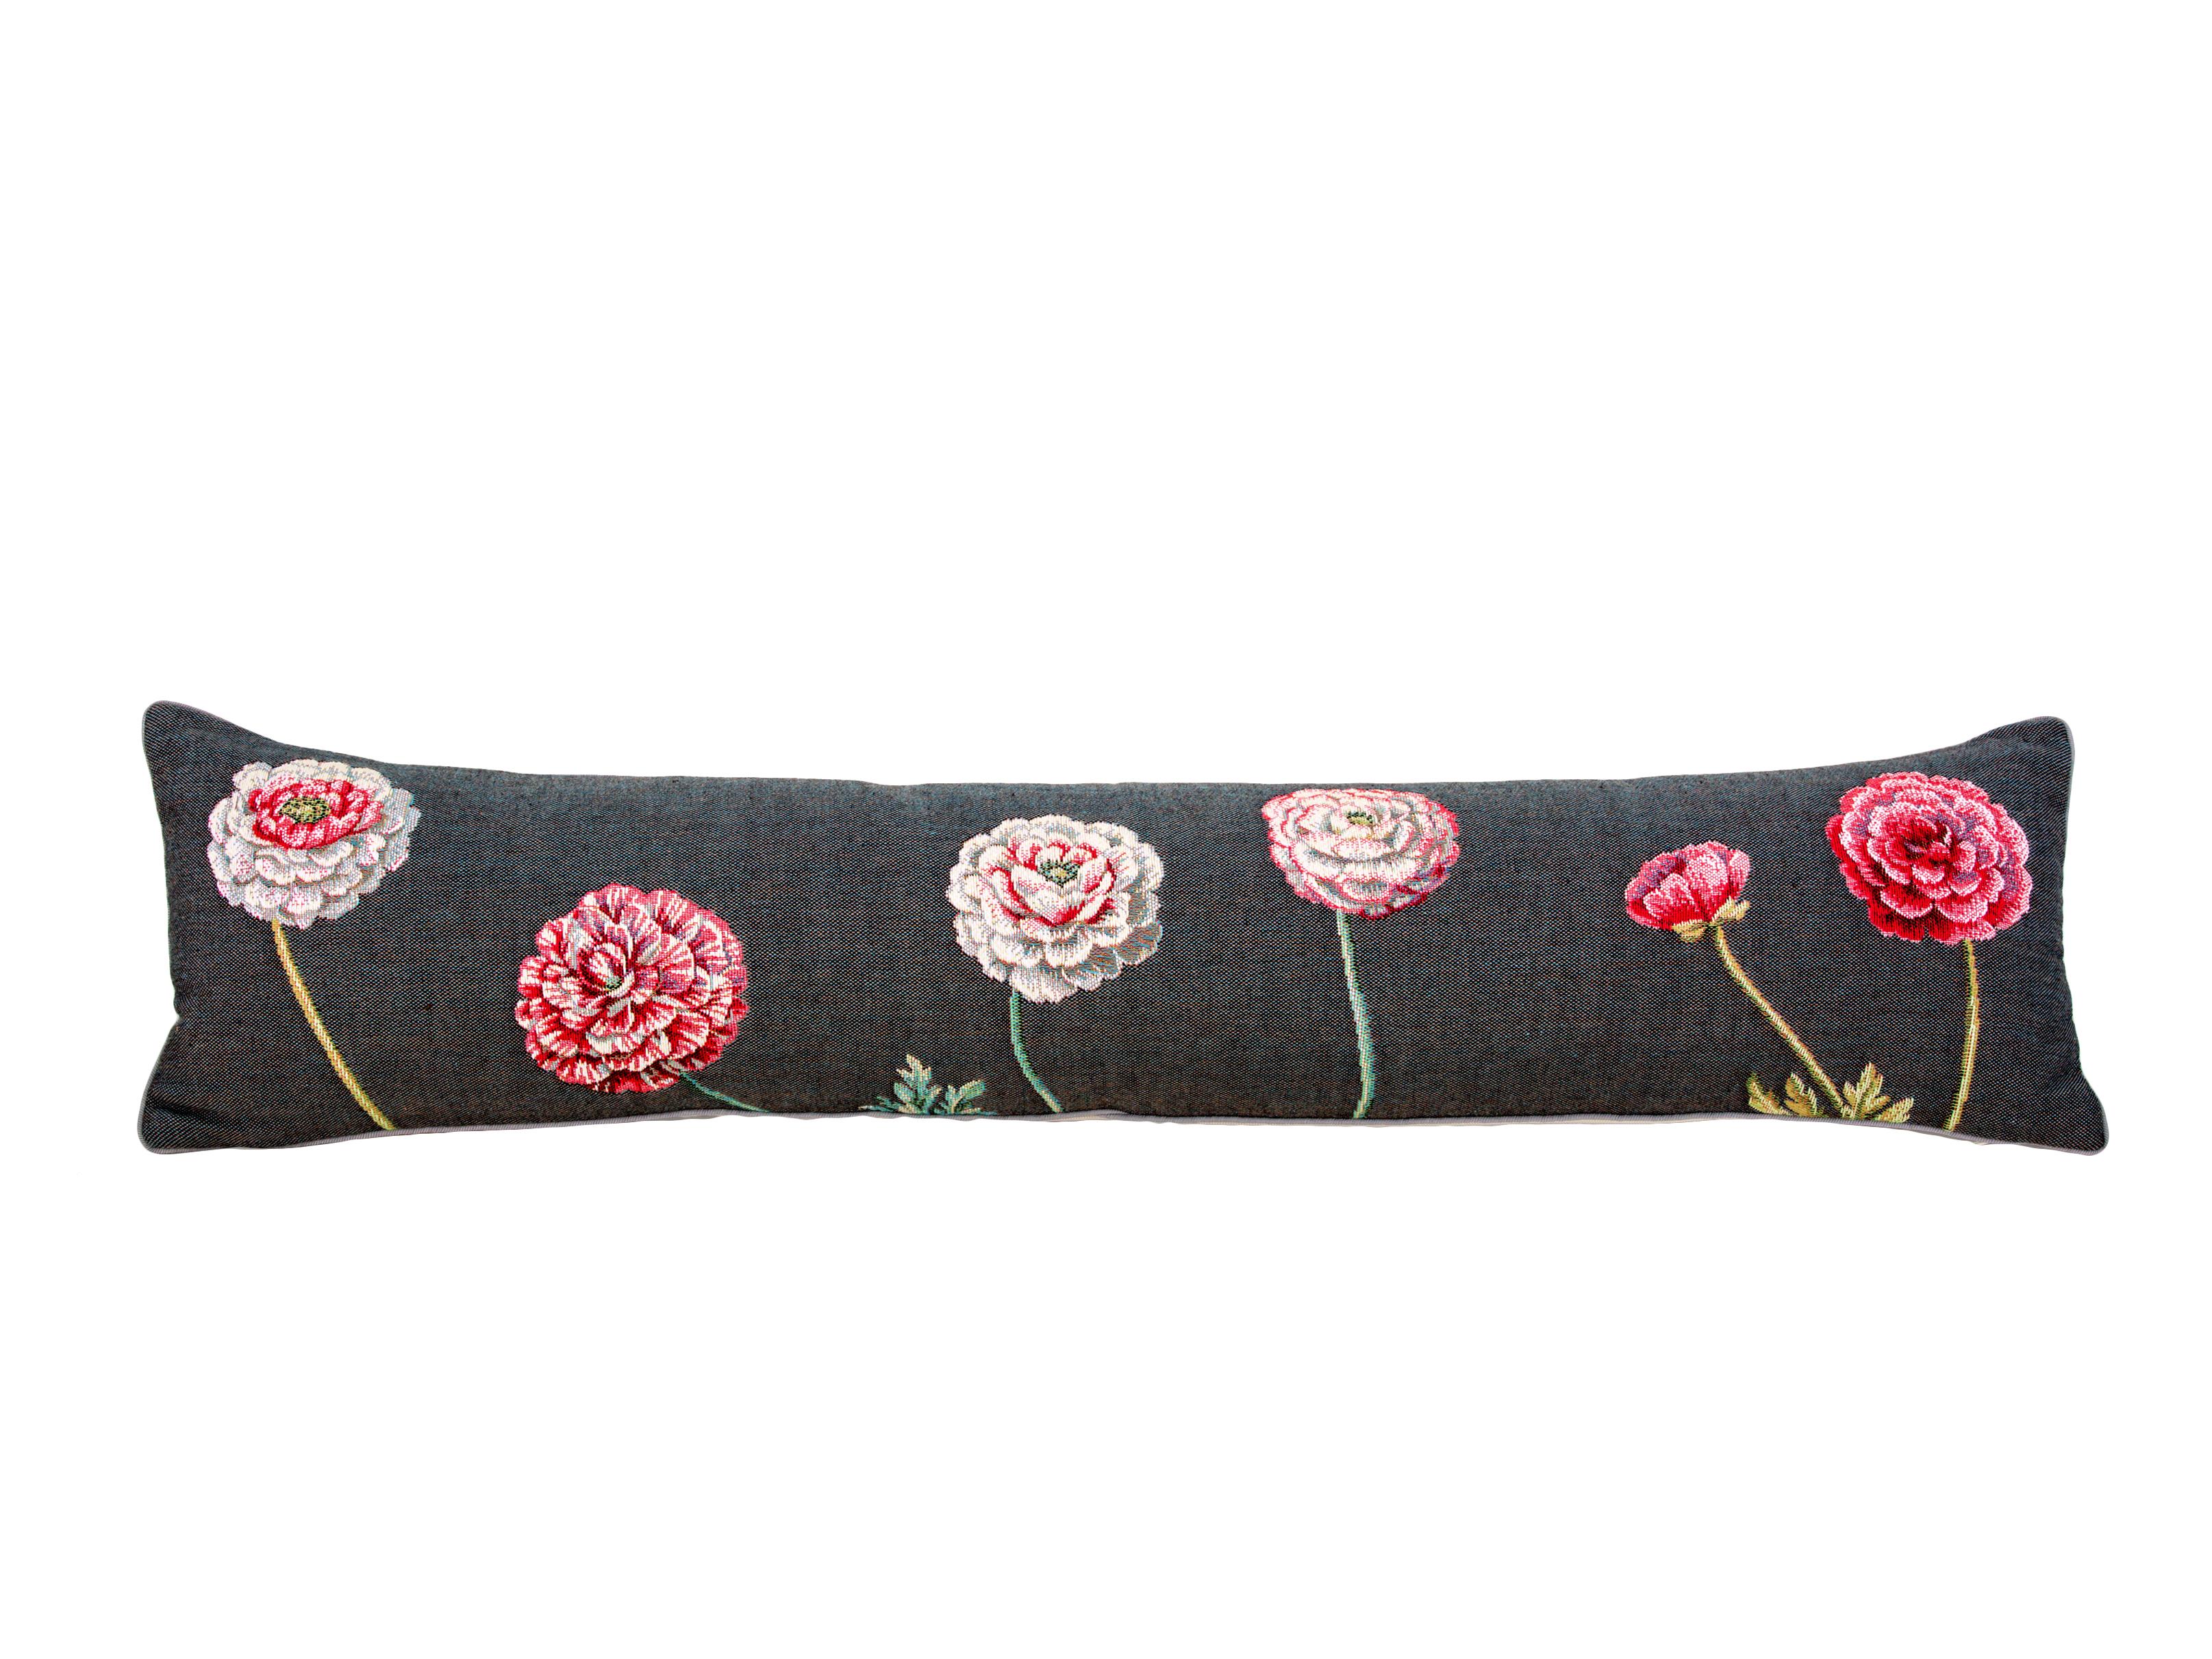 Подушка-валикПрямоугольные подушки<br>Декоративные чехлы для подушек.<br><br>Material: Текстиль<br>Width см: 90<br>Height см: 22